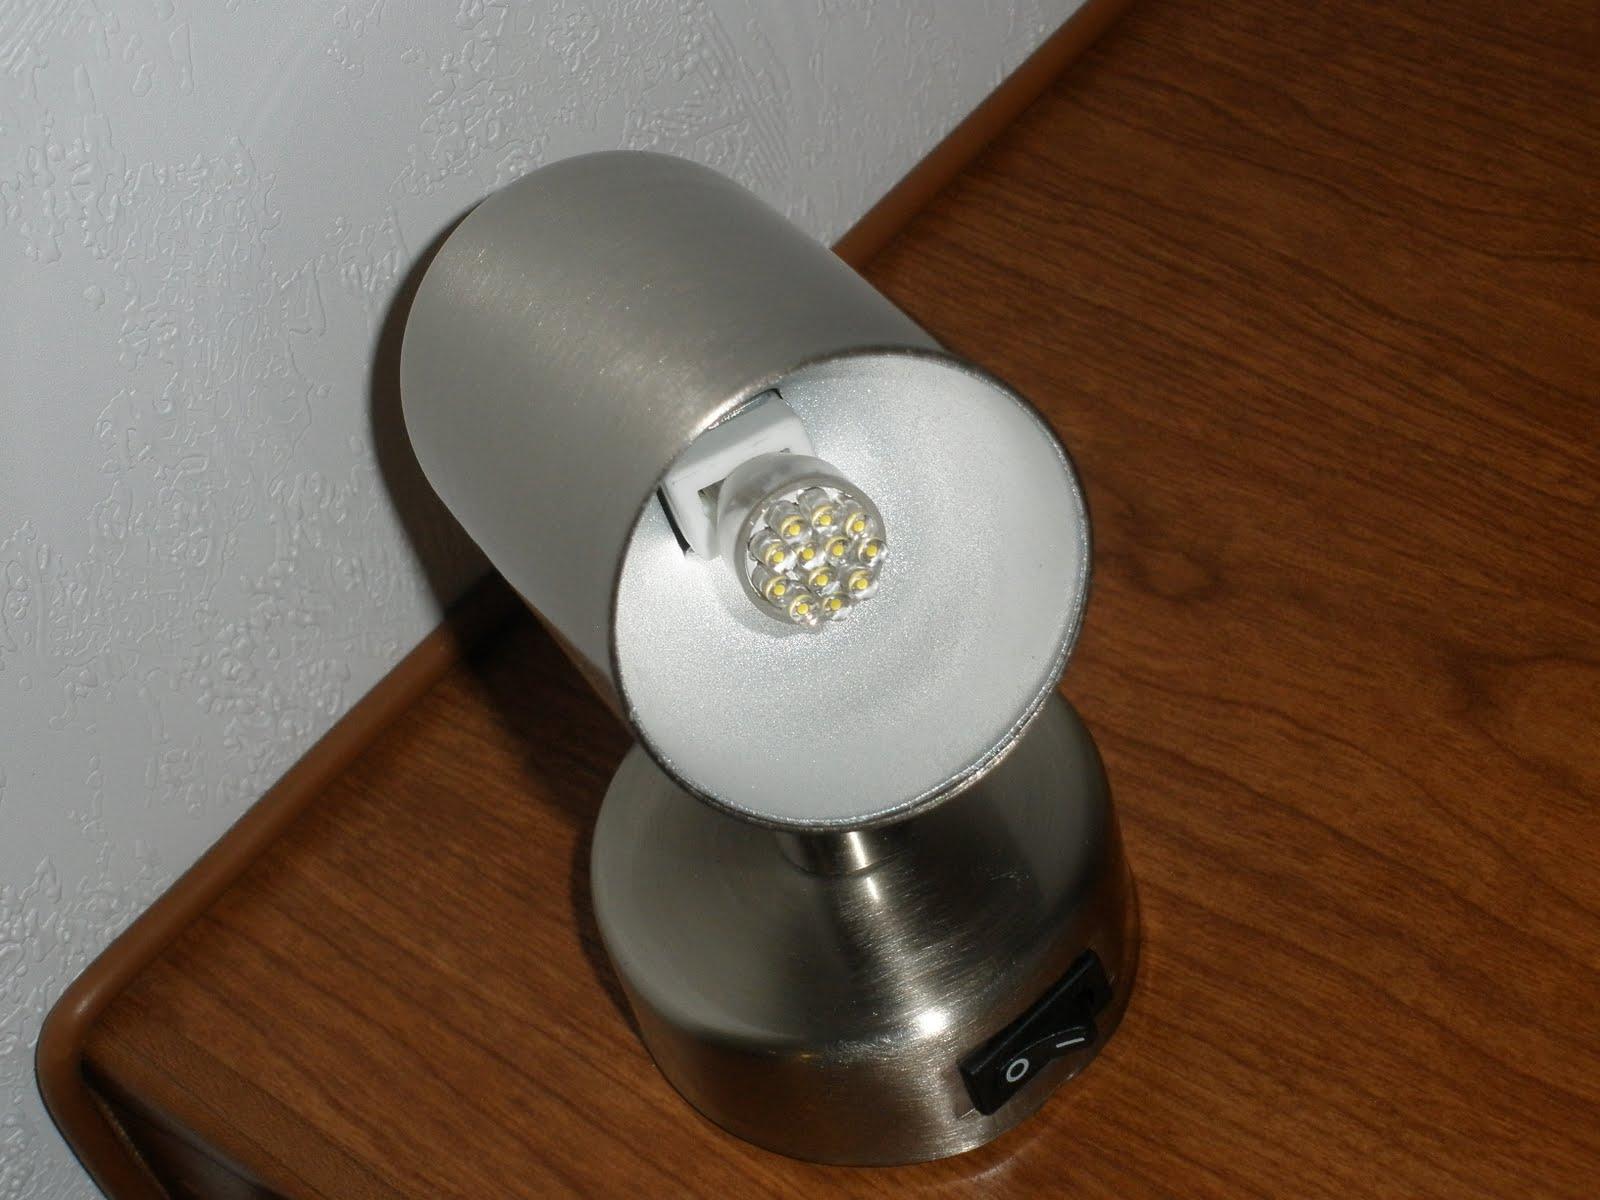 12 volt led light fixtures for your home light decorating ideas. Black Bedroom Furniture Sets. Home Design Ideas